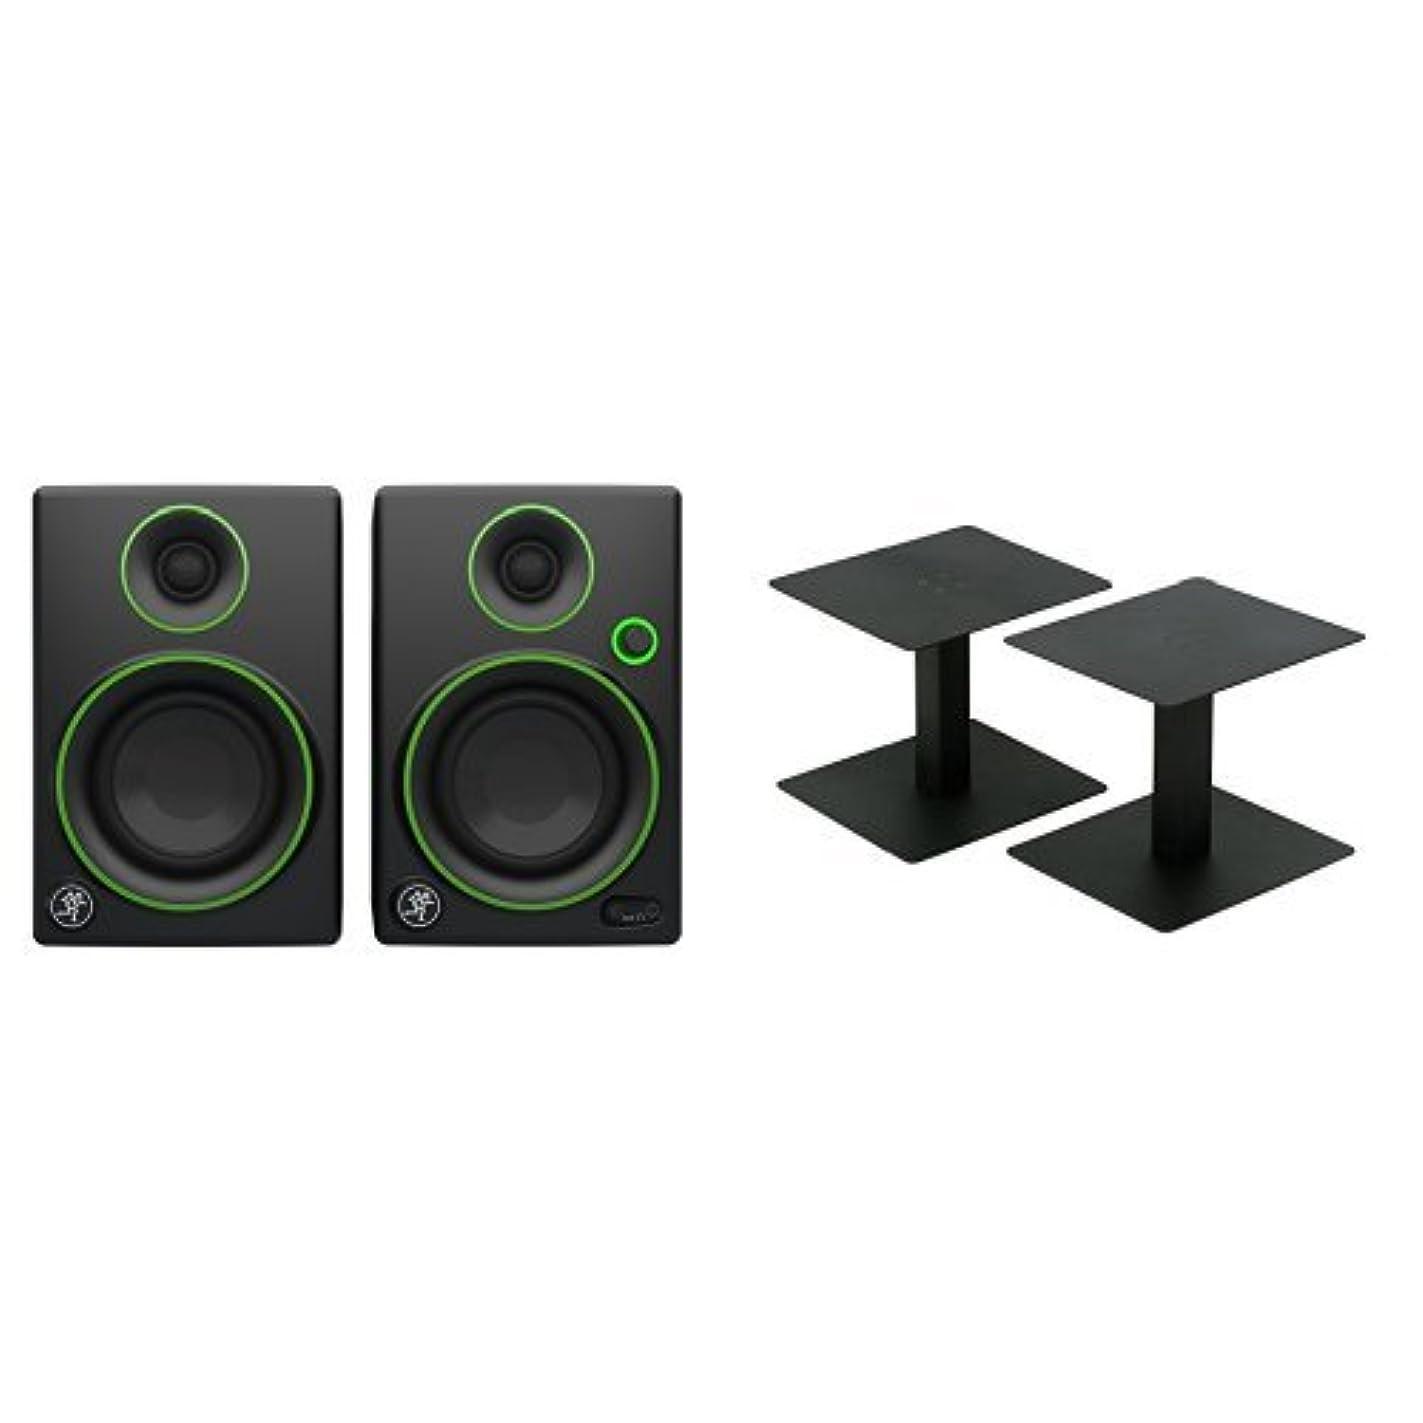 ファブリック蒸留廊下Klipsch クリプシュ R-15M Black (Pr) 2-Way Bookshelf Monitor Speaker ブックシェルフ?モニタースピーカー【並行輸入】